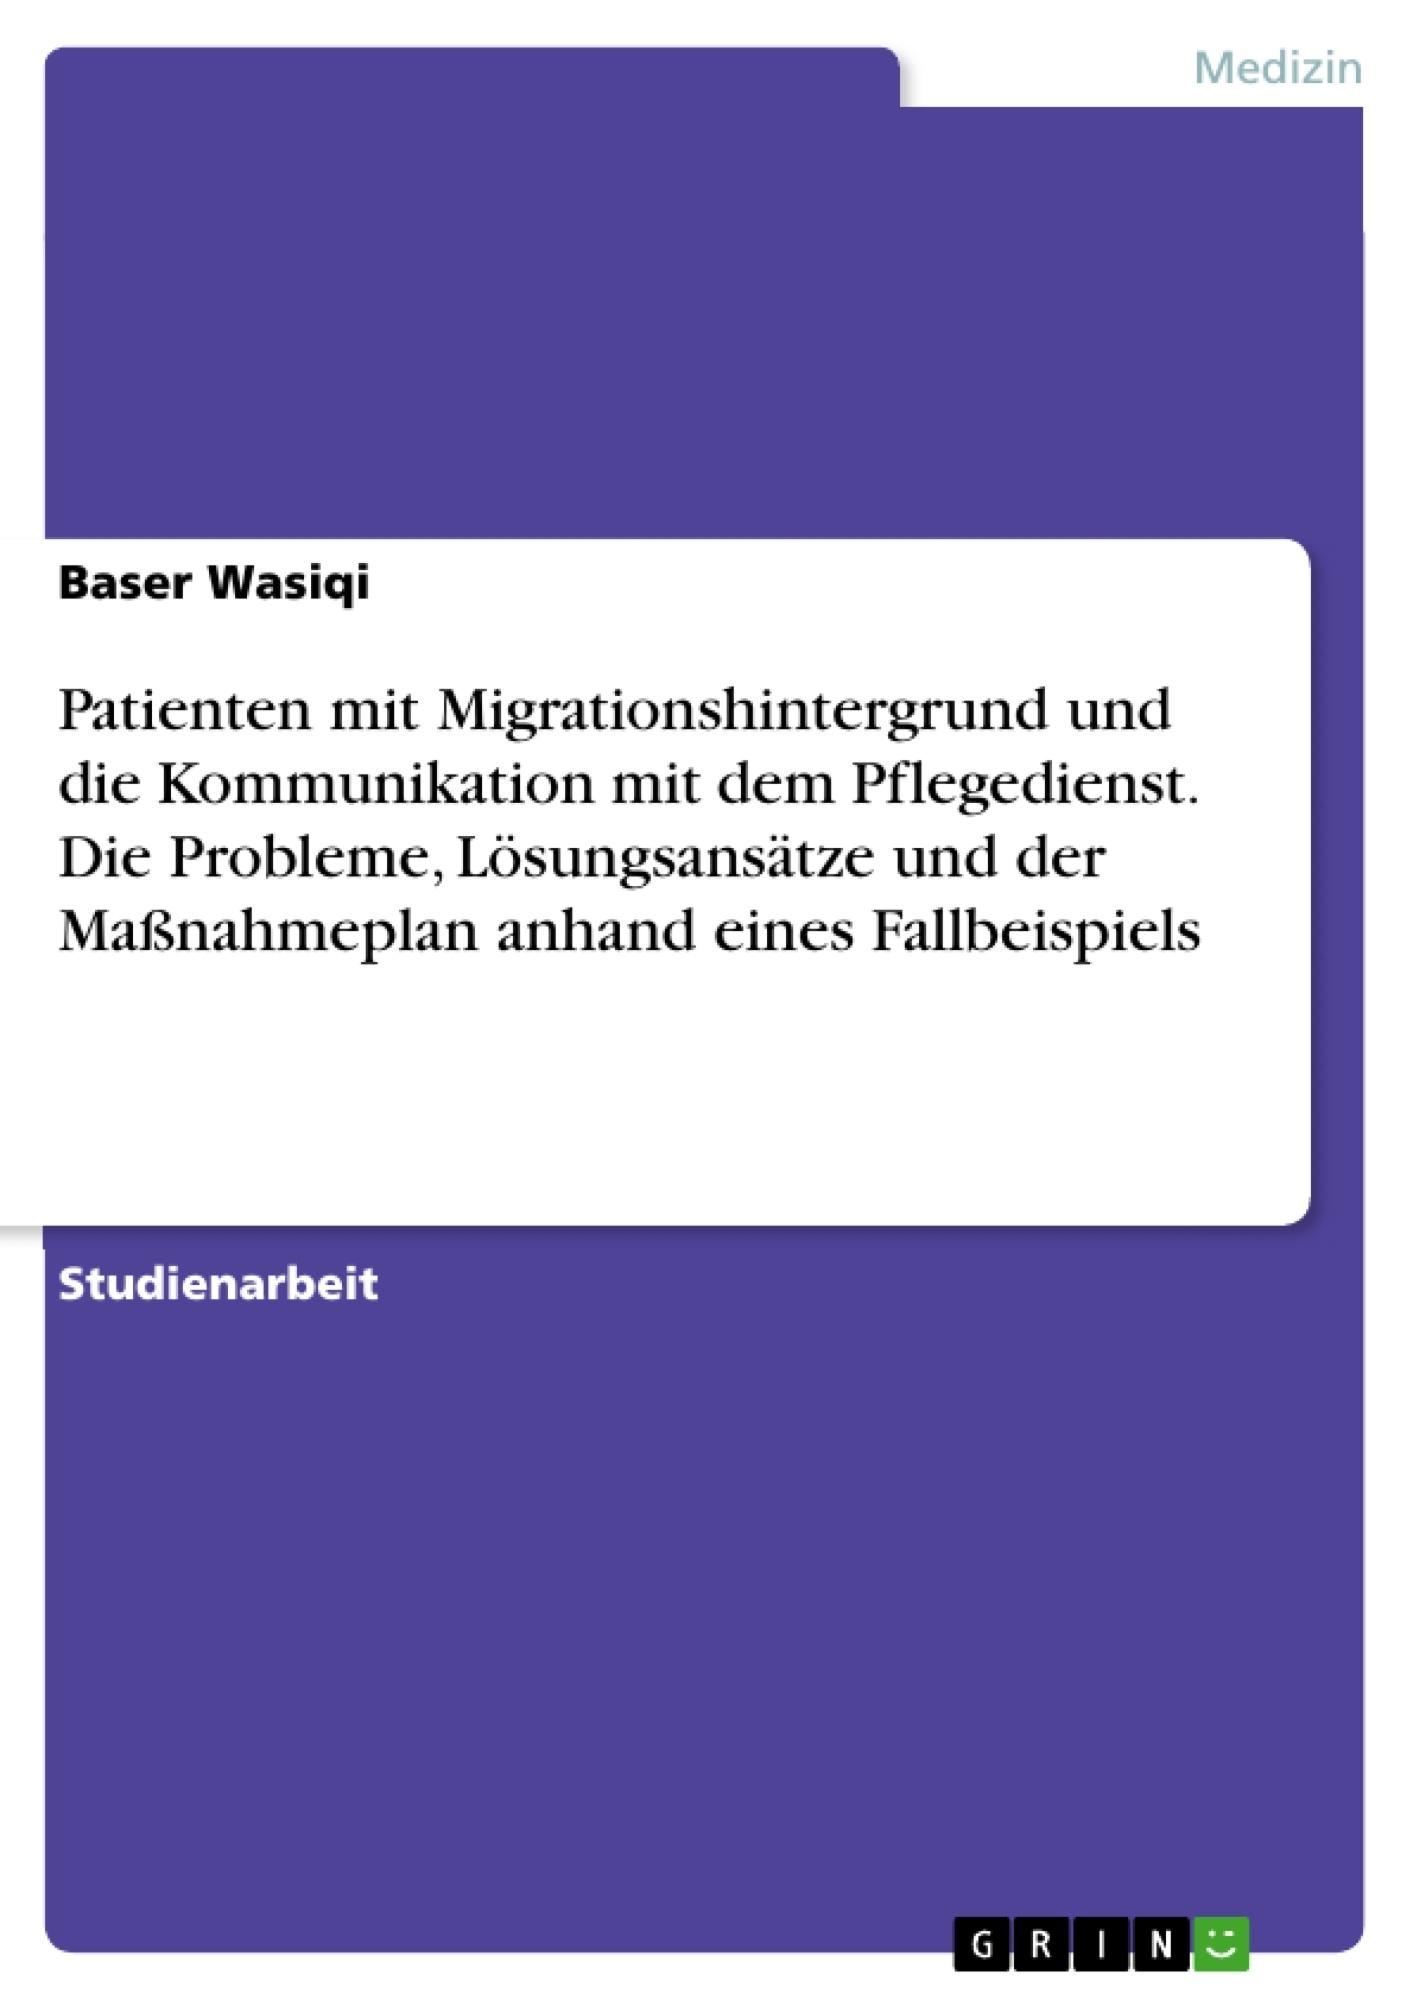 Titel: Patienten mit Migrationshintergrund und die Kommunikation mit dem Pflegedienst. Die Probleme, Lösungsansätze und der Maßnahmeplan anhand eines Fallbeispiels